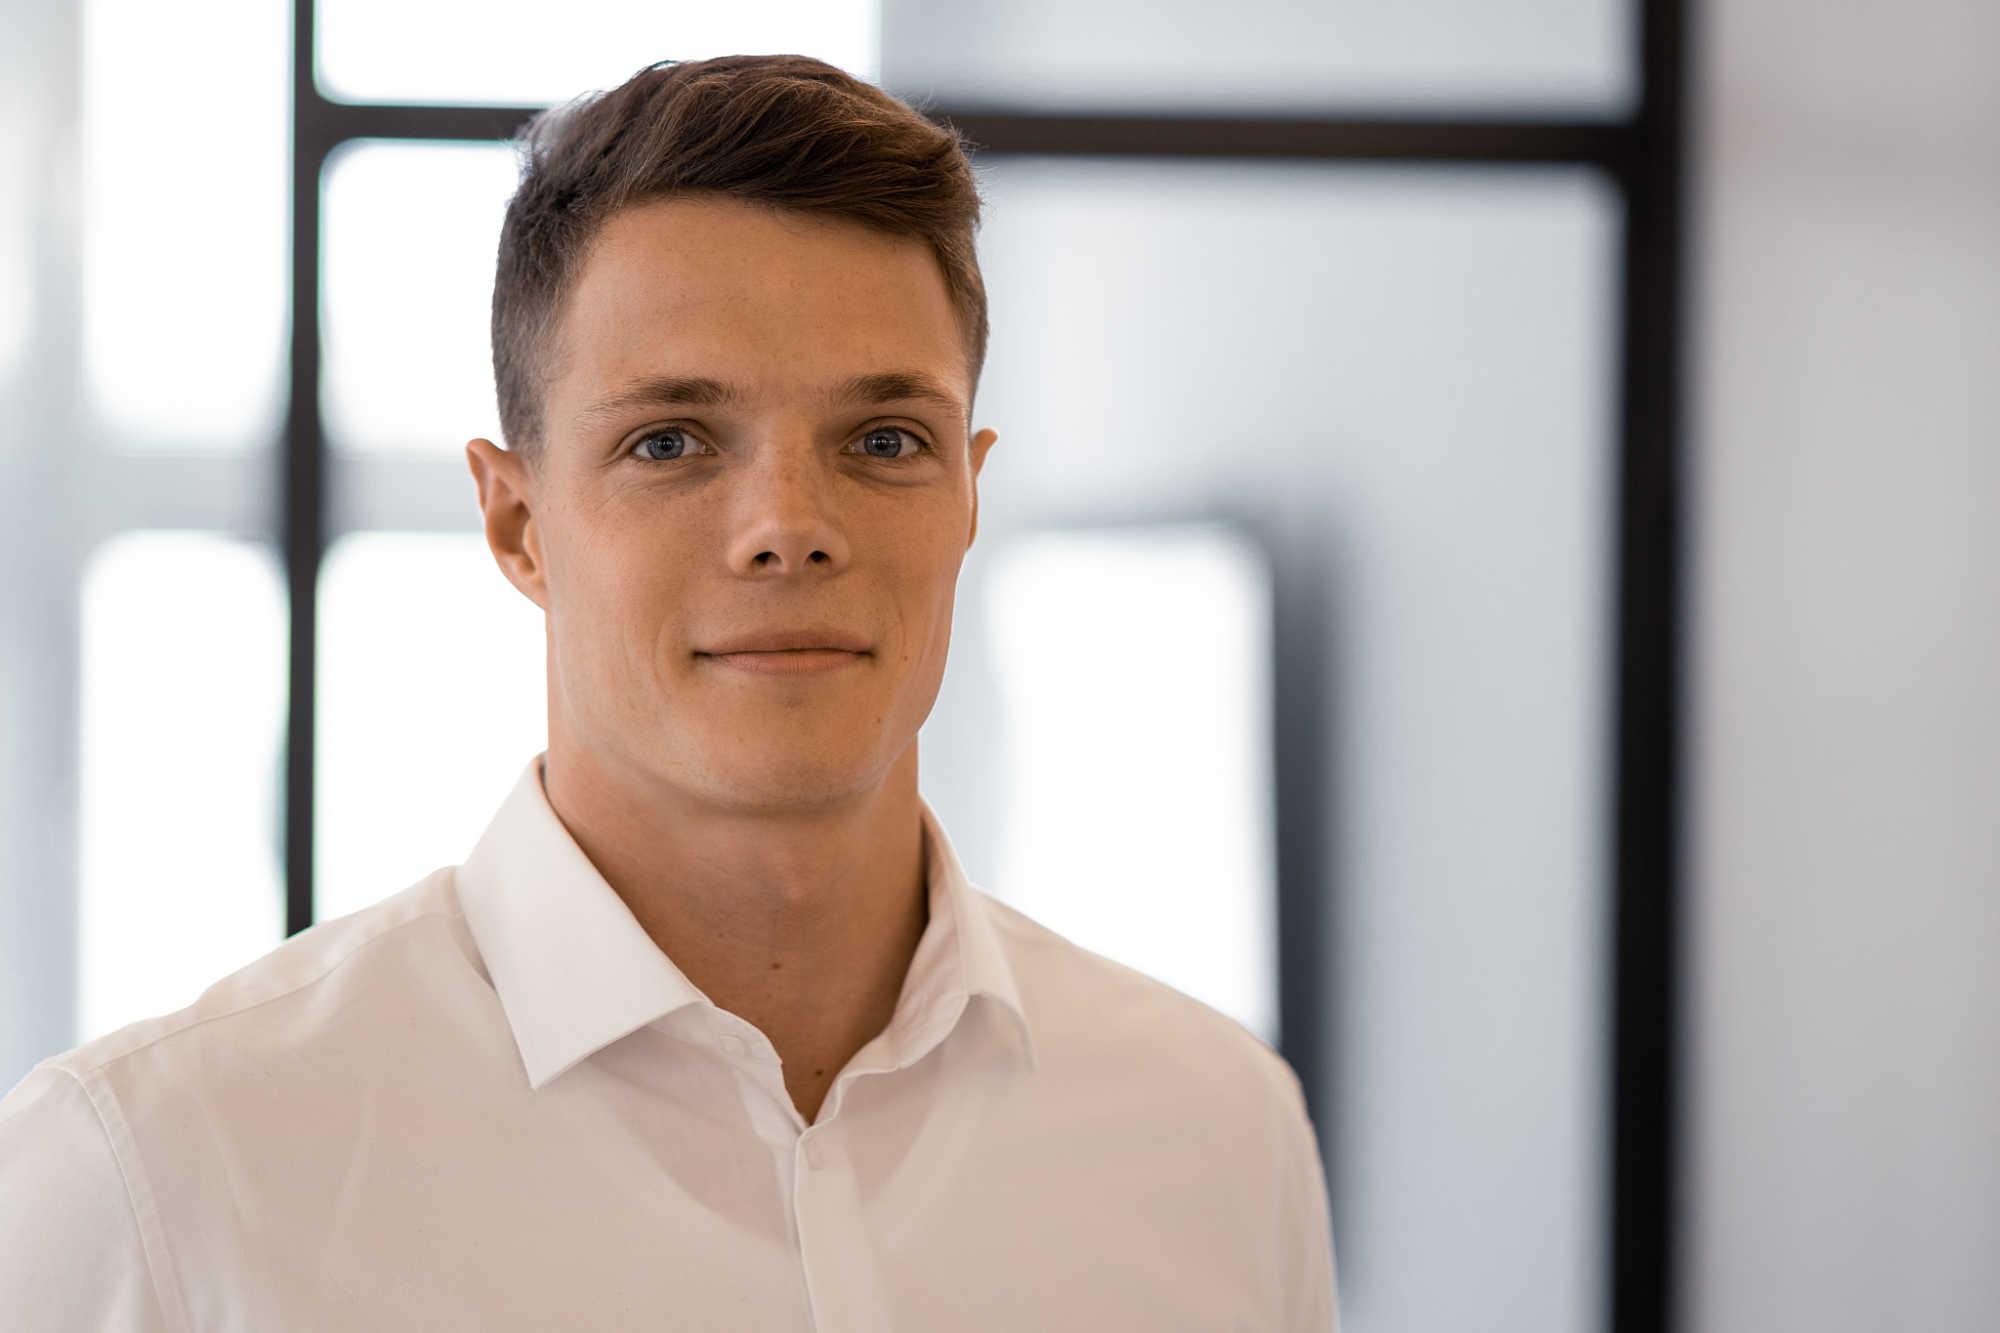 Stefan Weirauch arbeitet als Praktikant bei Blackeight, der Markenberatung in München.